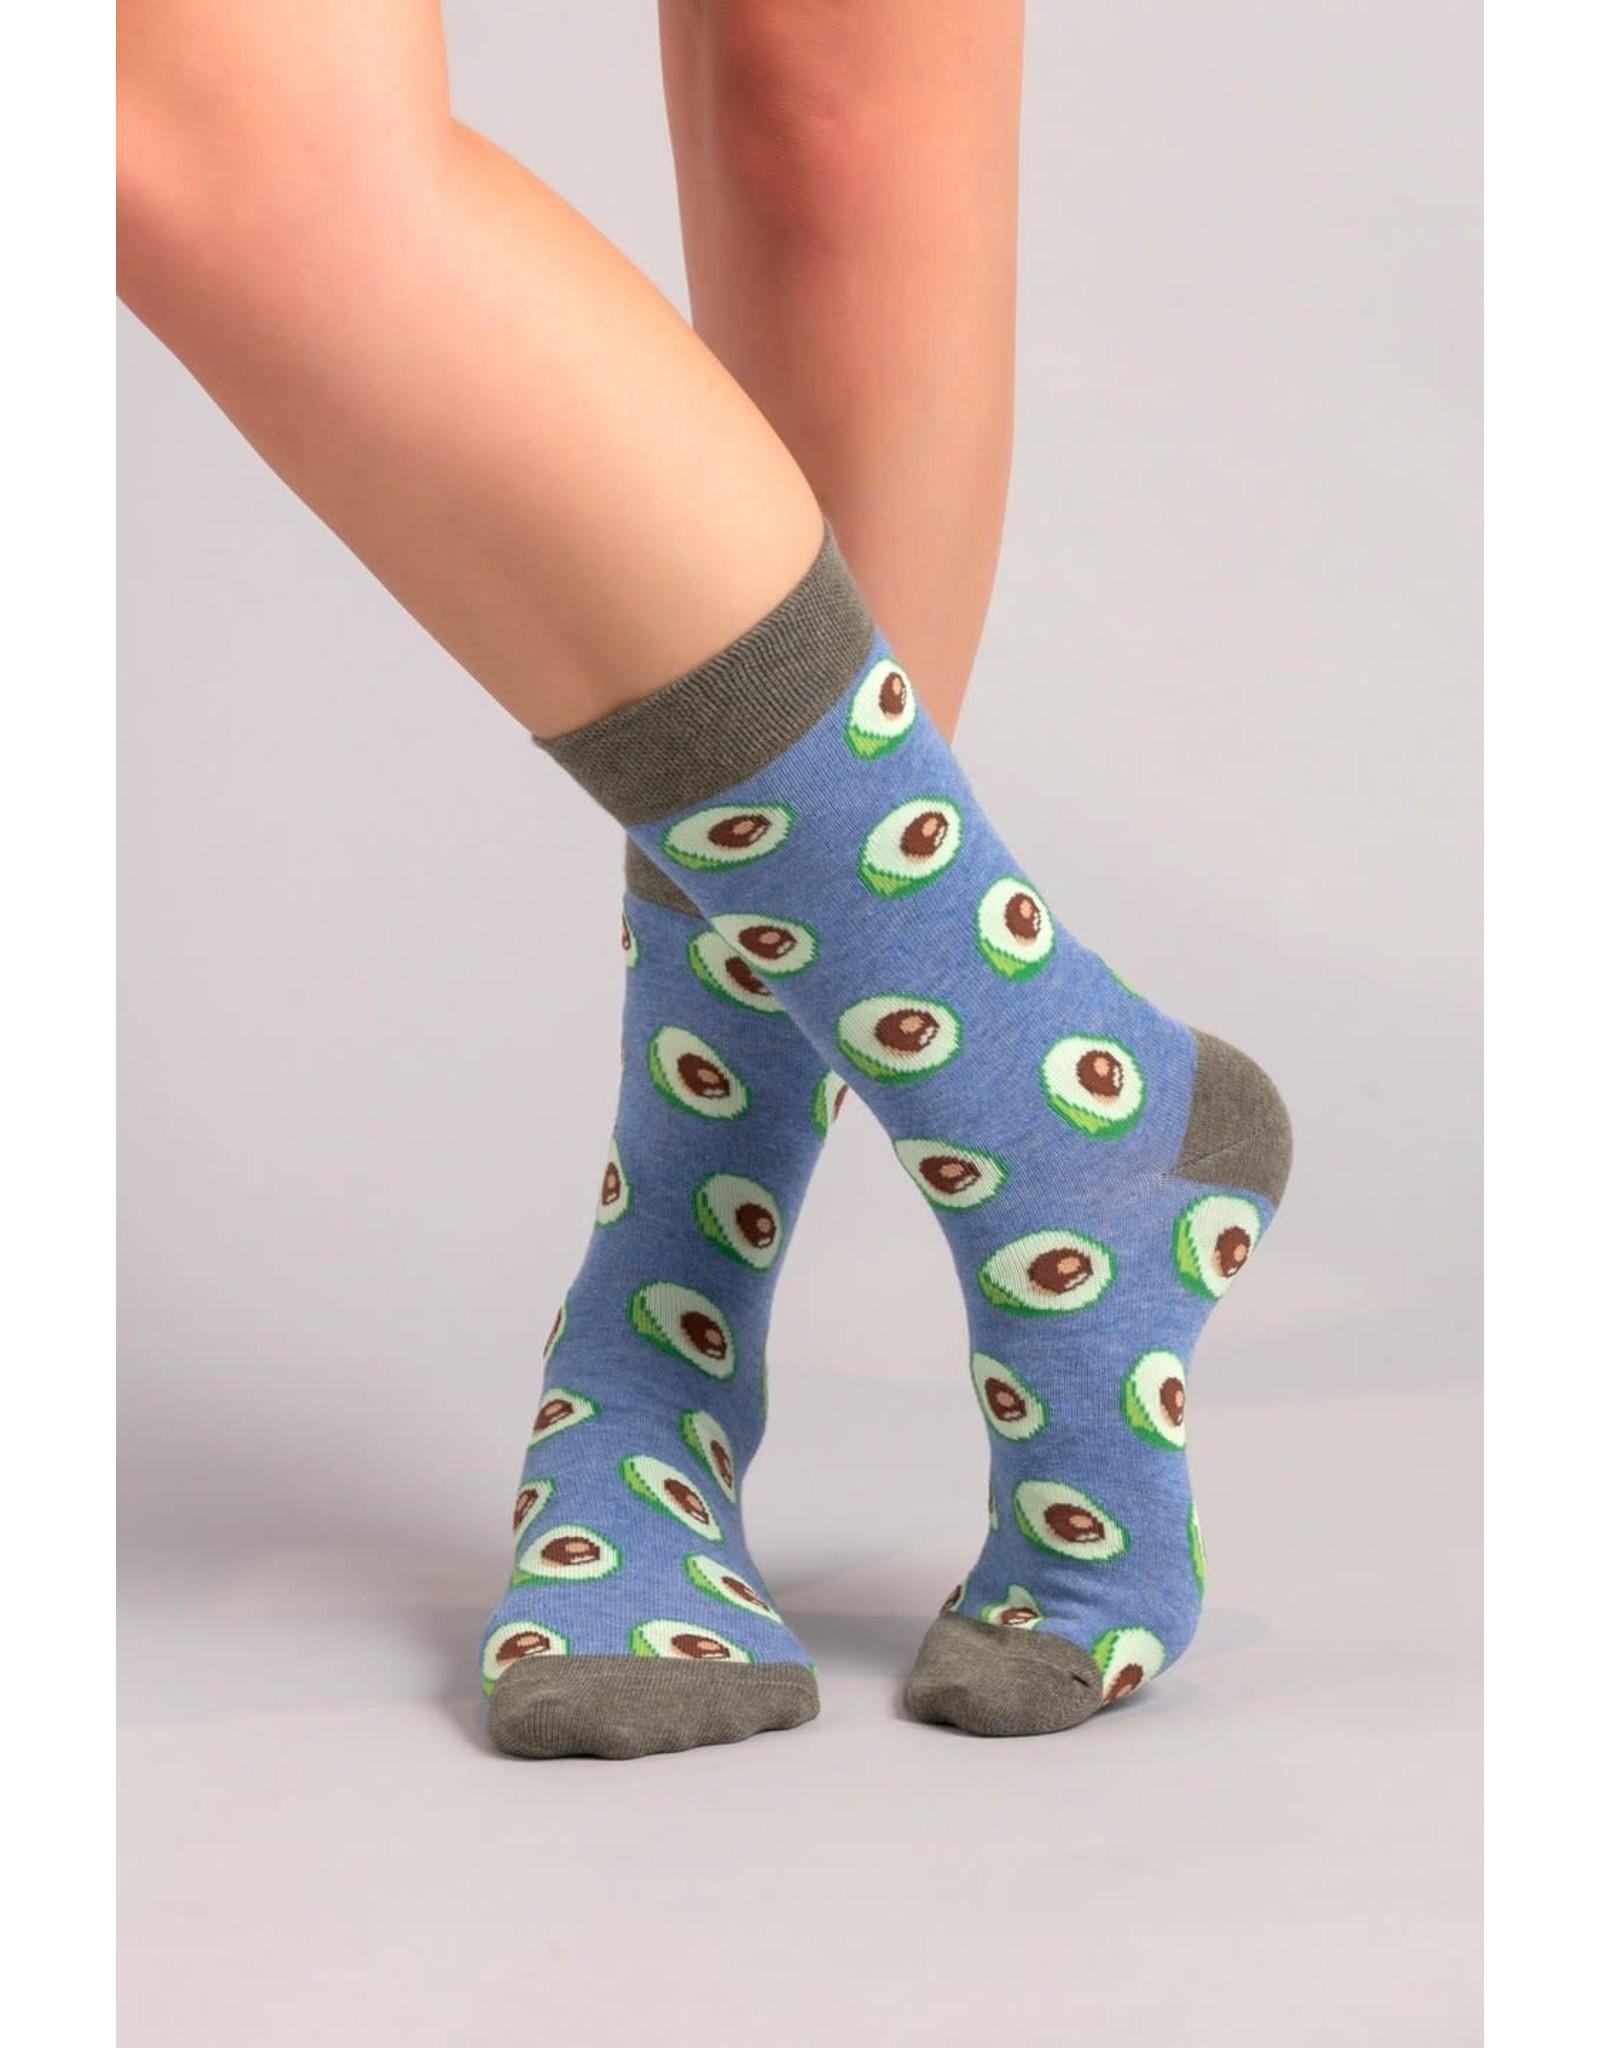 Moustard socks - avocado (41-46)